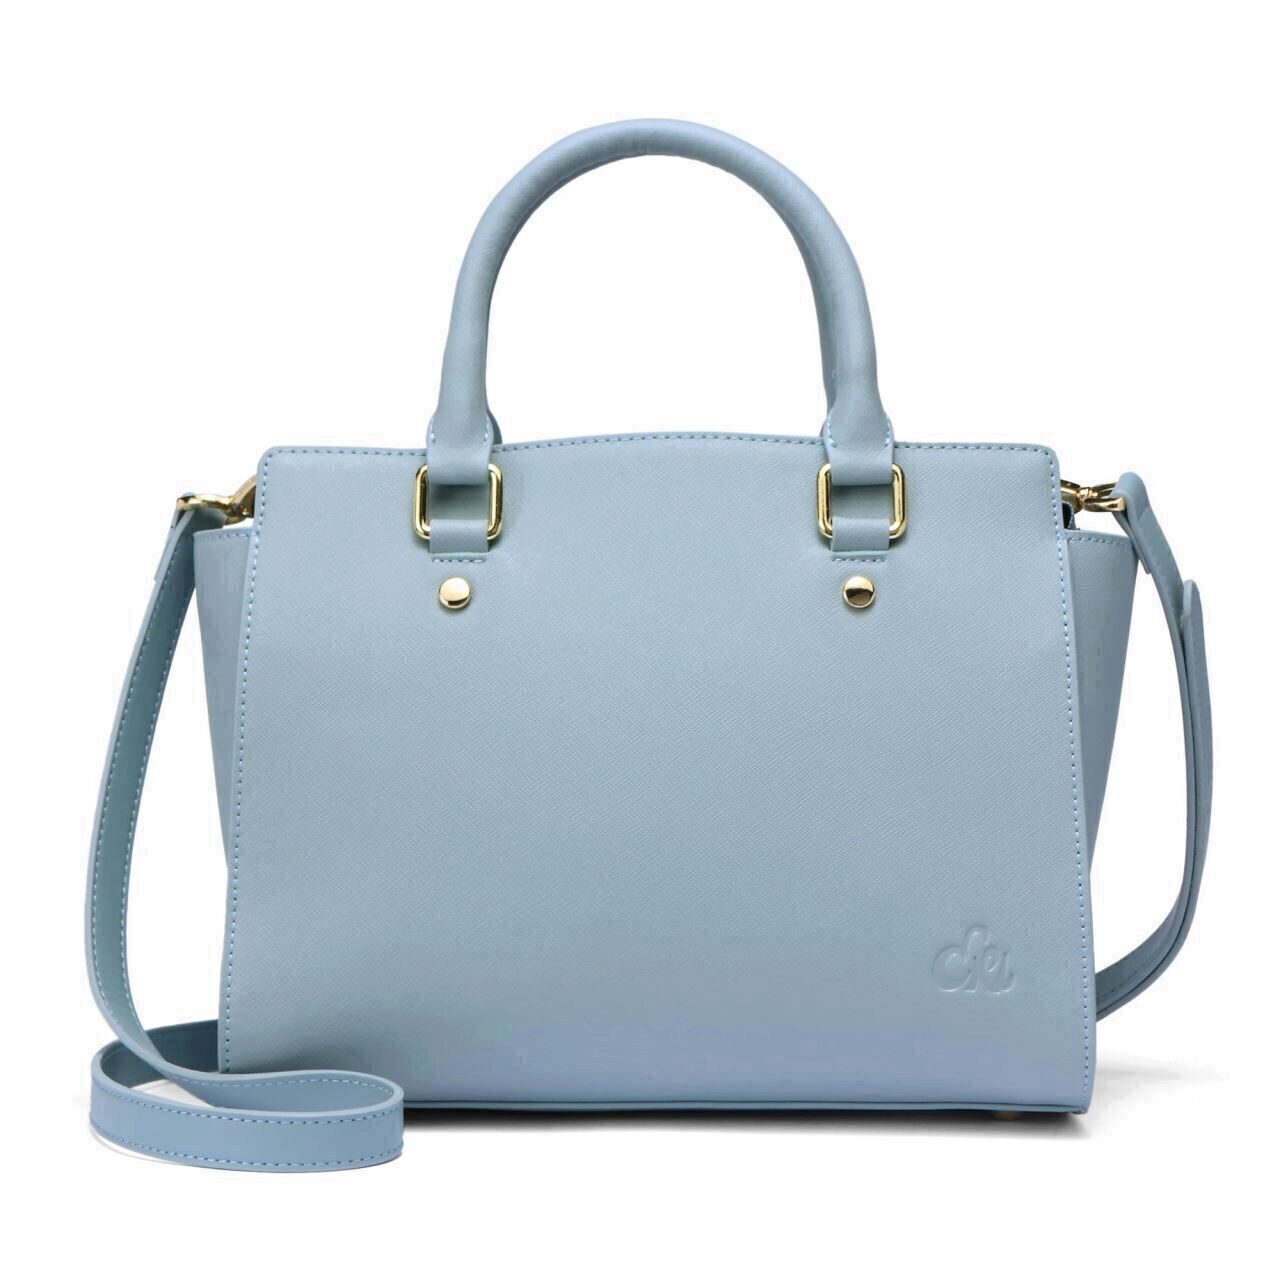 dbb81eaef83c5 C iel Aniyah blue saffiano tote leather bag - Ciel Bags